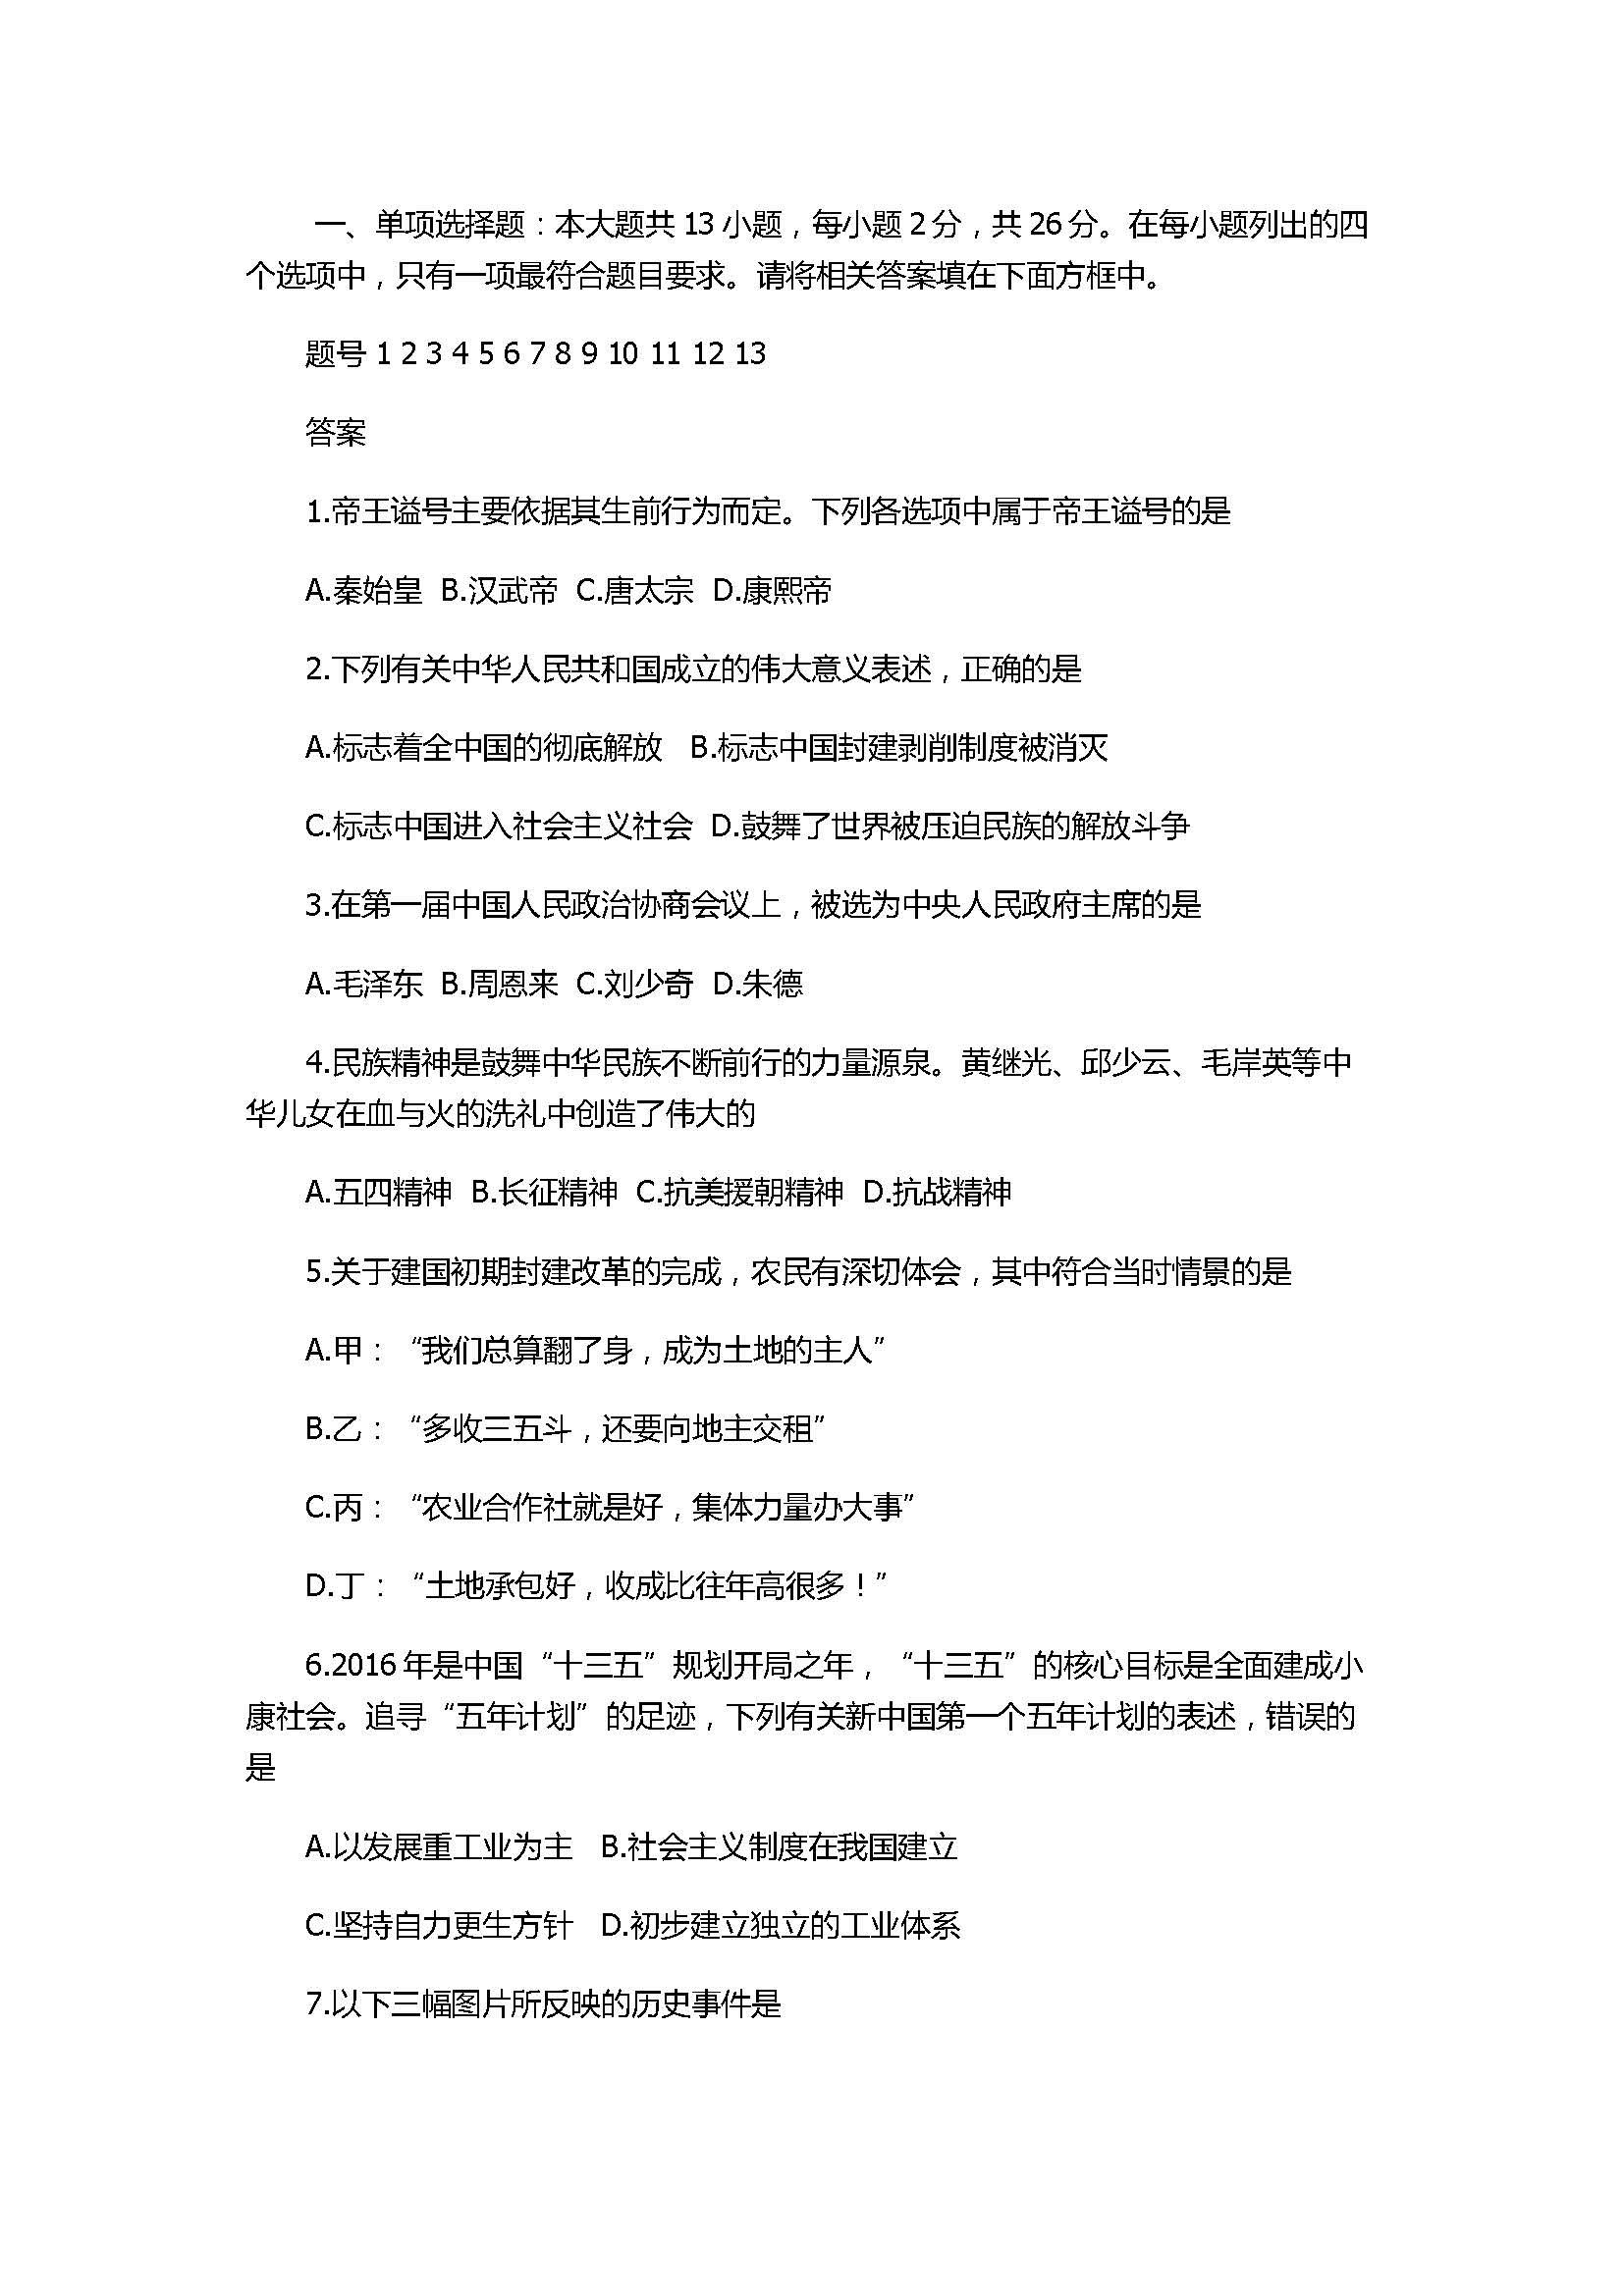 2017八年级下册历史期中调研测试题附参考答案(川教版)